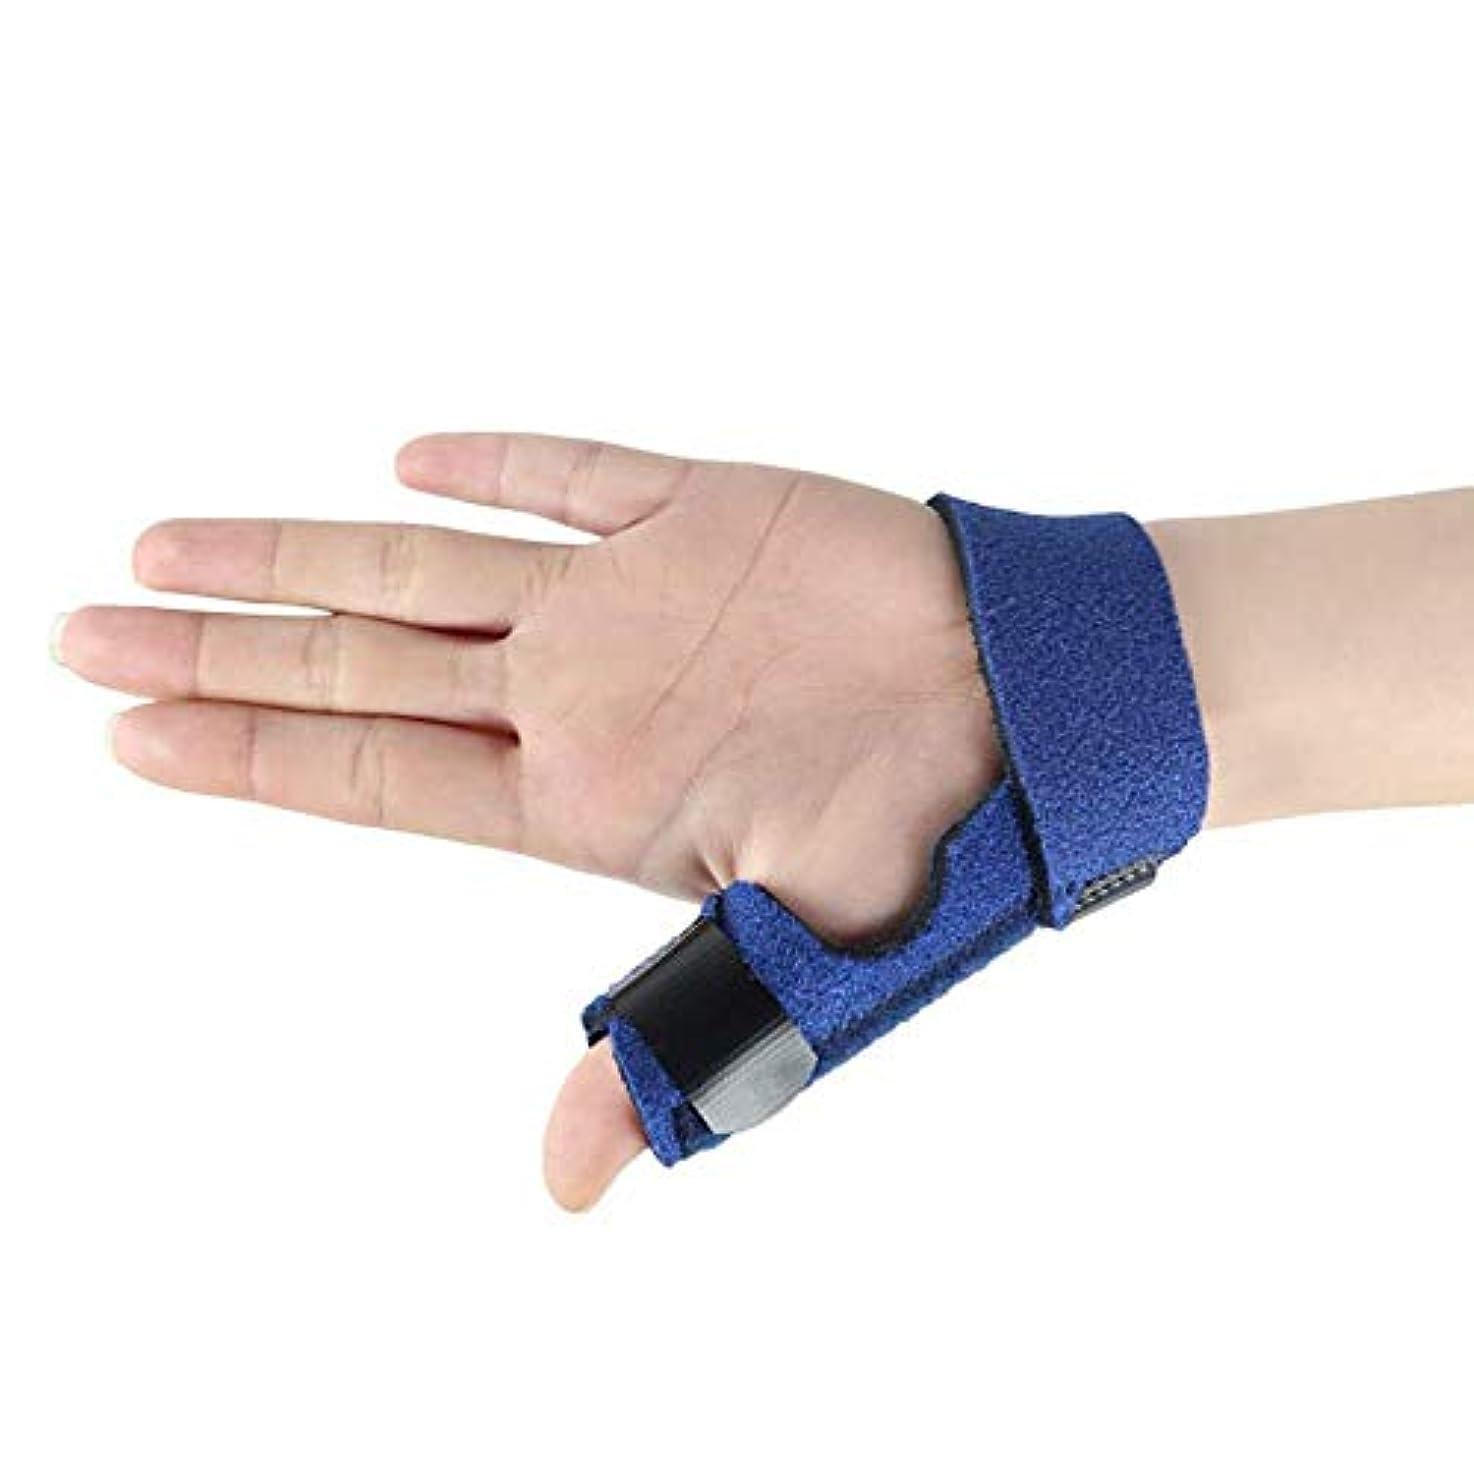 エンコミウム百科事典ハッチ指の損傷のサポート、指の骨折の痛みの緩和、可動式、まっすぐ、ハンドプロテクター、固定ストラップ、指,Left Hand